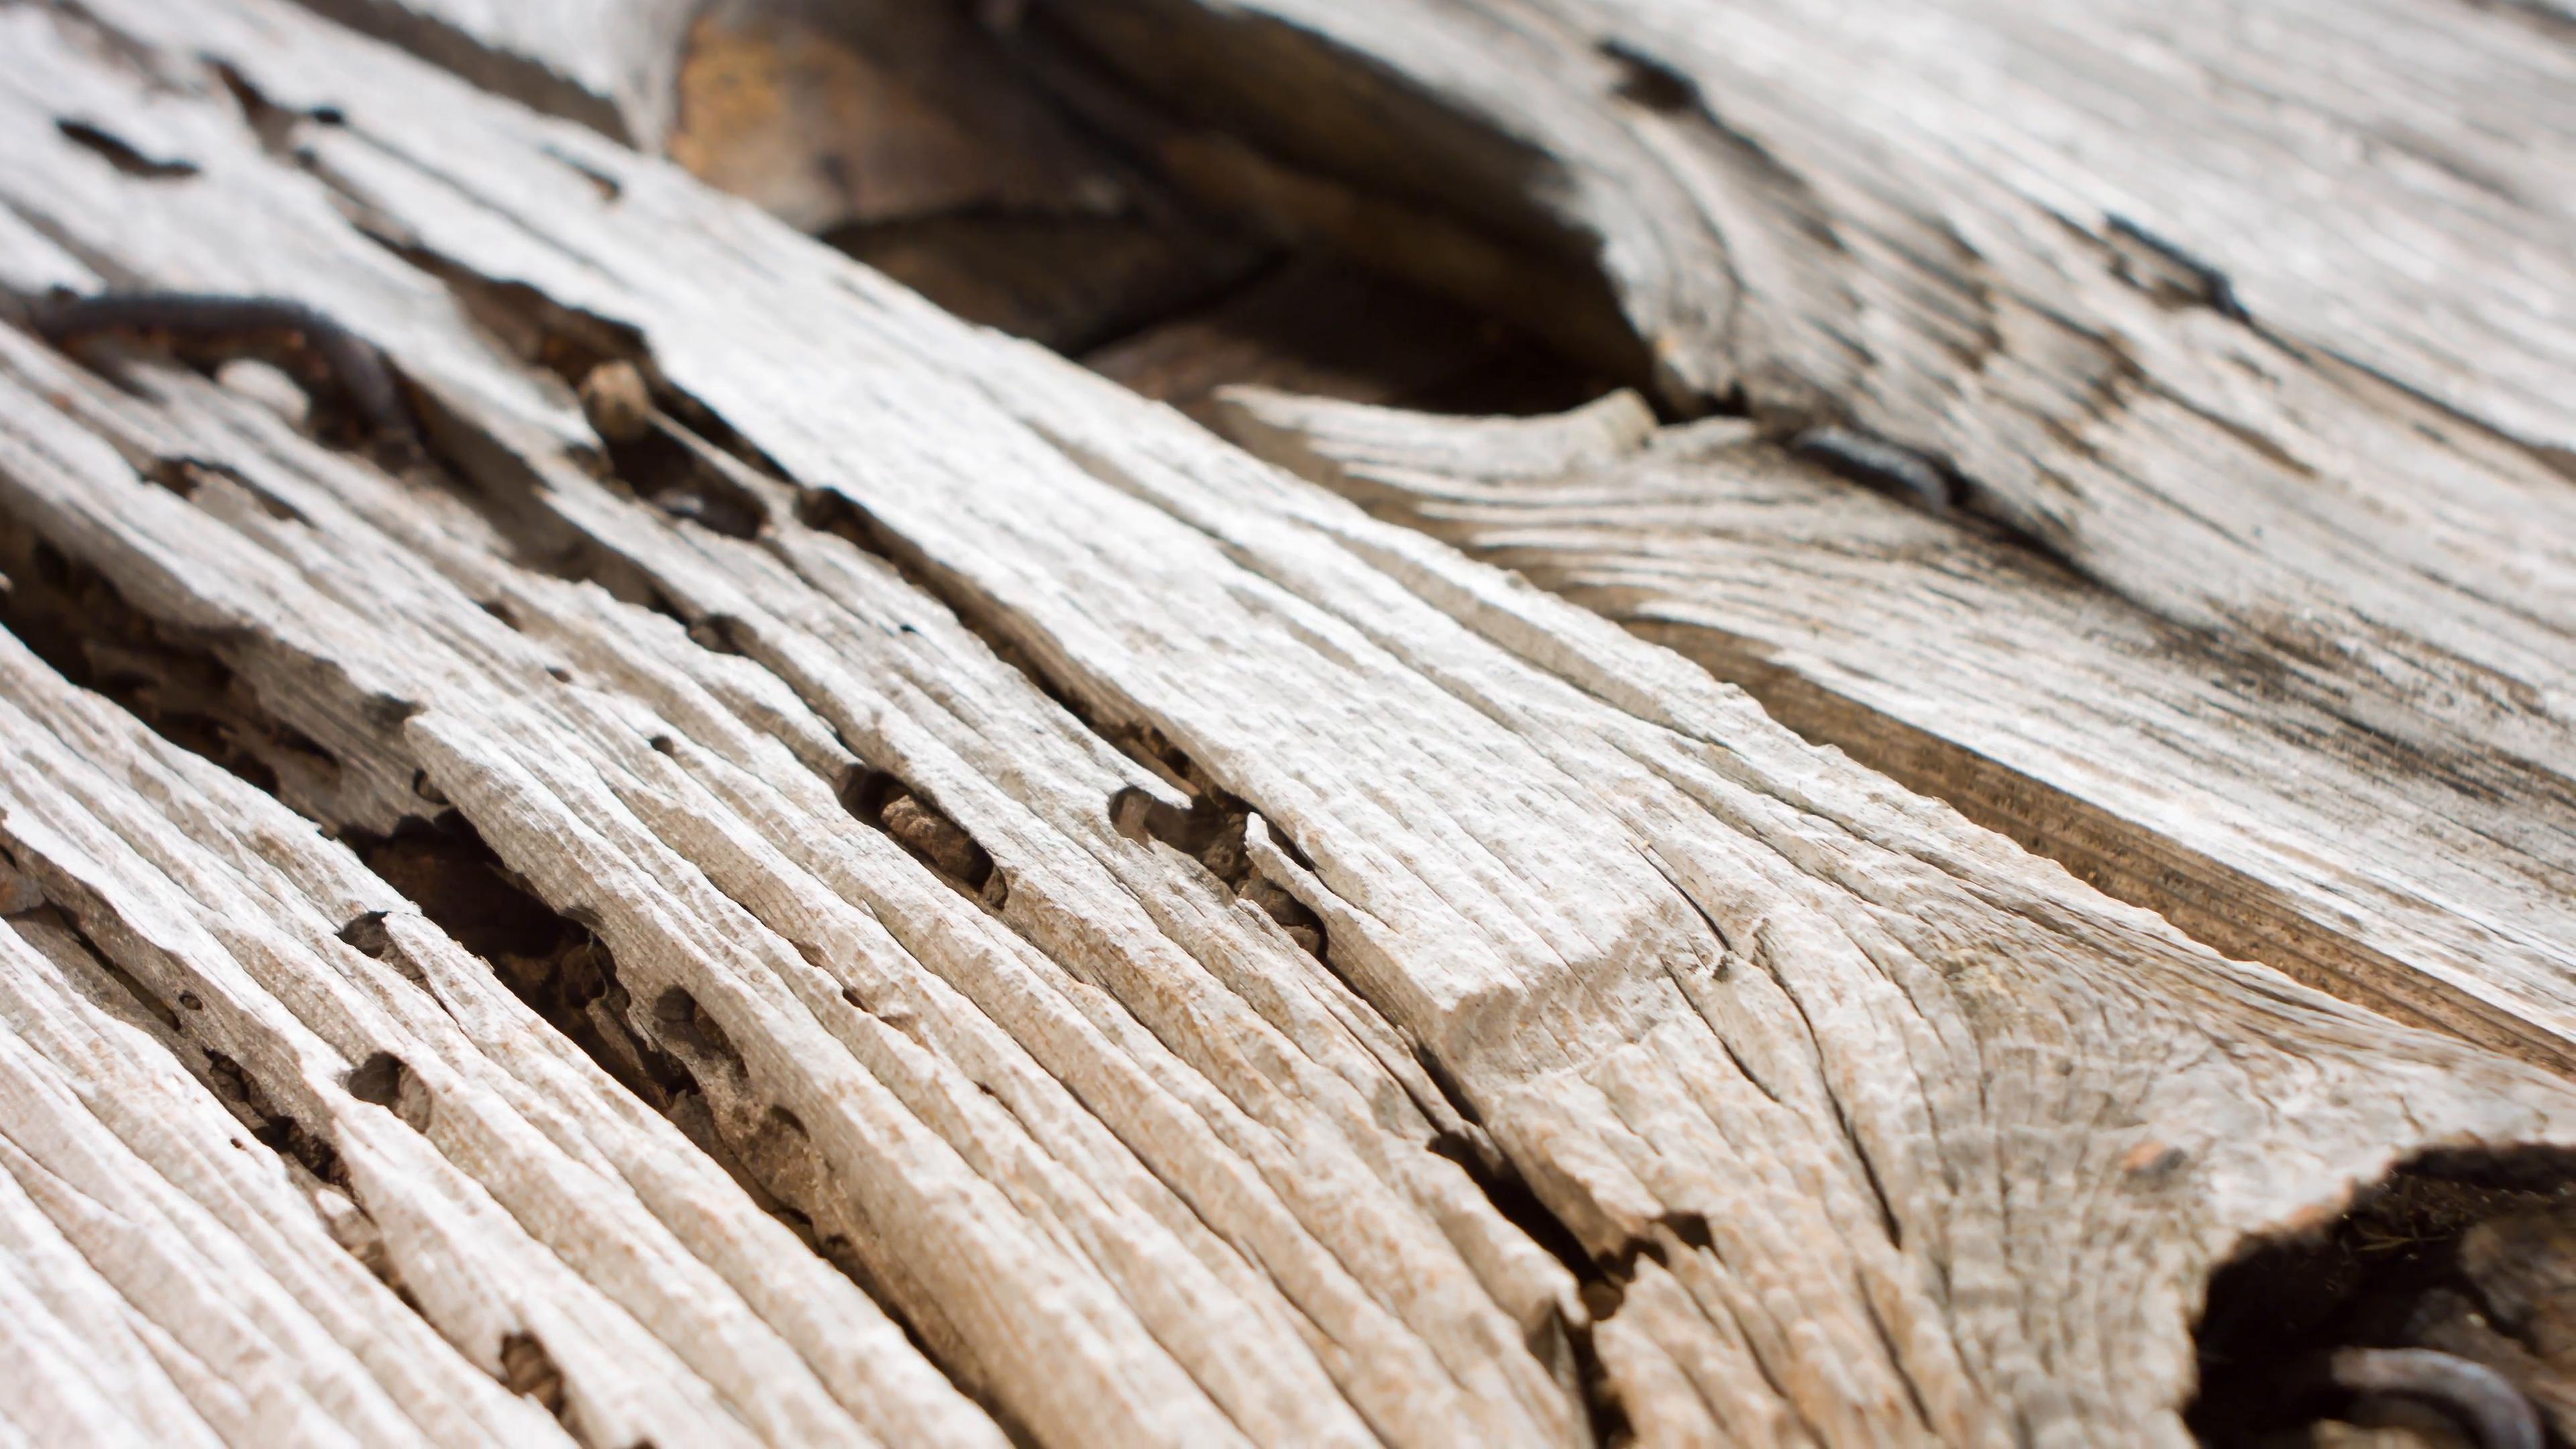 Weathered old wood 4k Stock Video Footage - Videoblocks